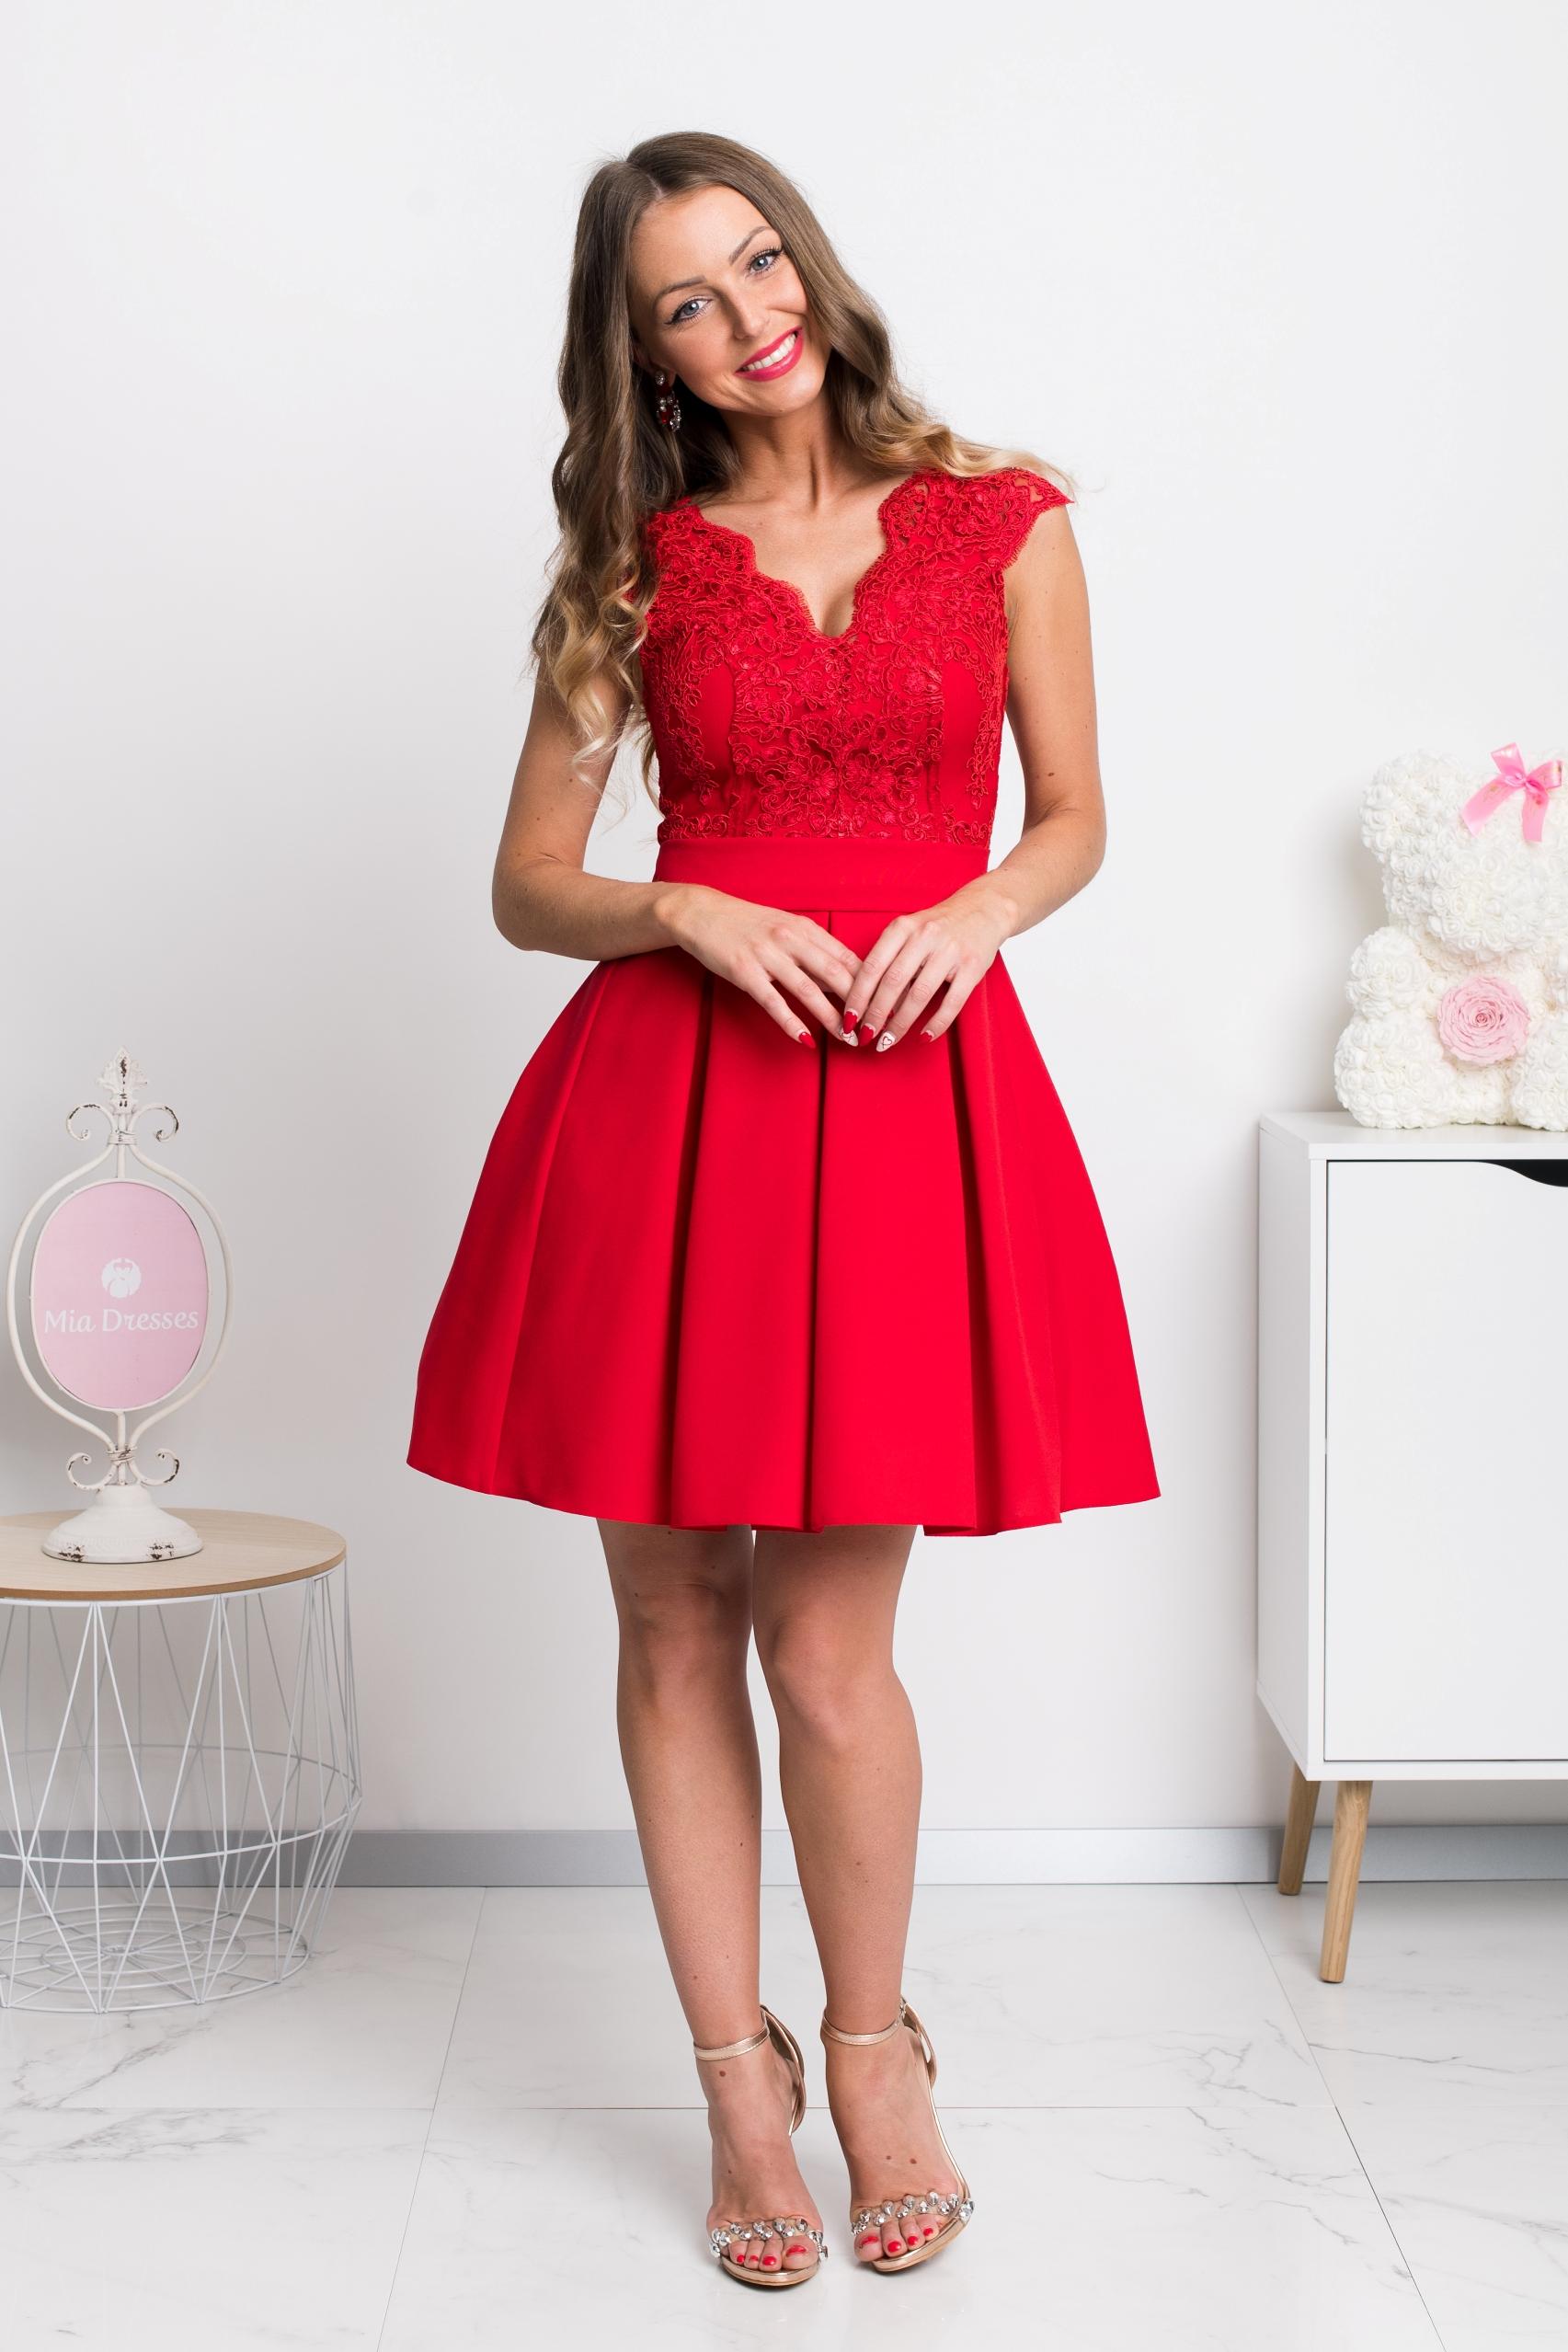 Červené spoločenské mini šaty s áčkovou sukňou Veľkosť: XS